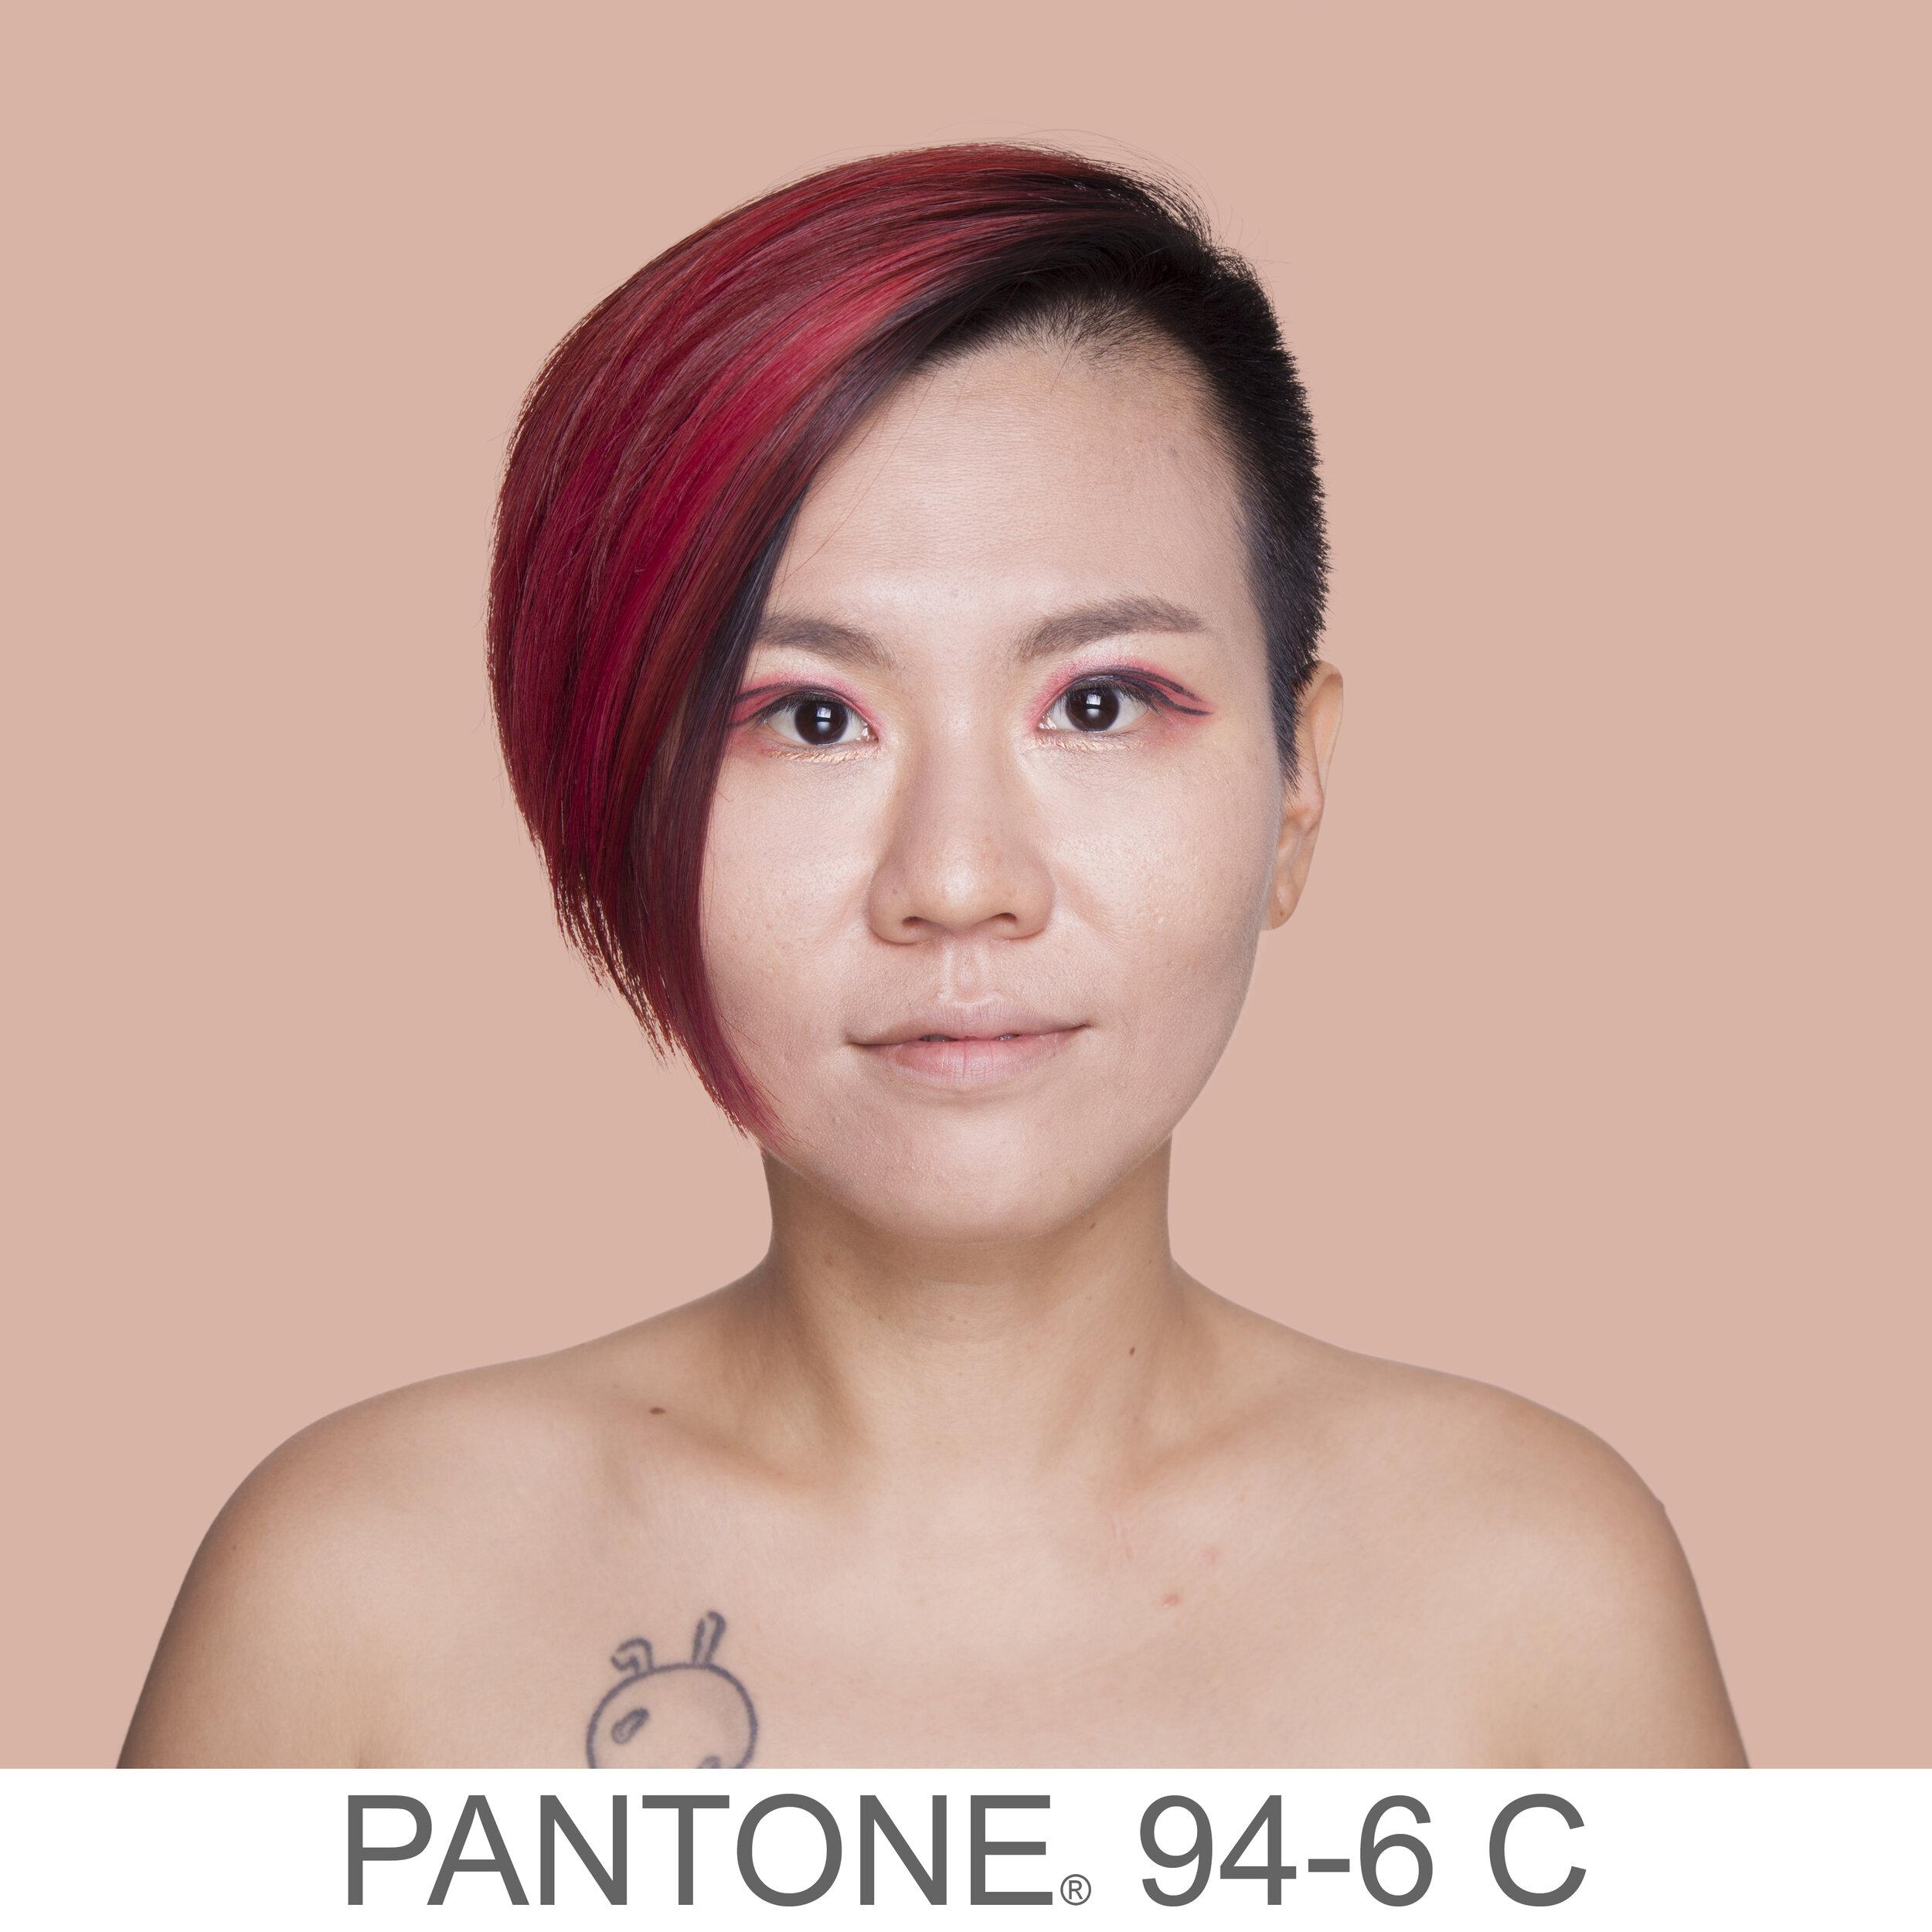 humanae 94-6 C CN copia.jpg